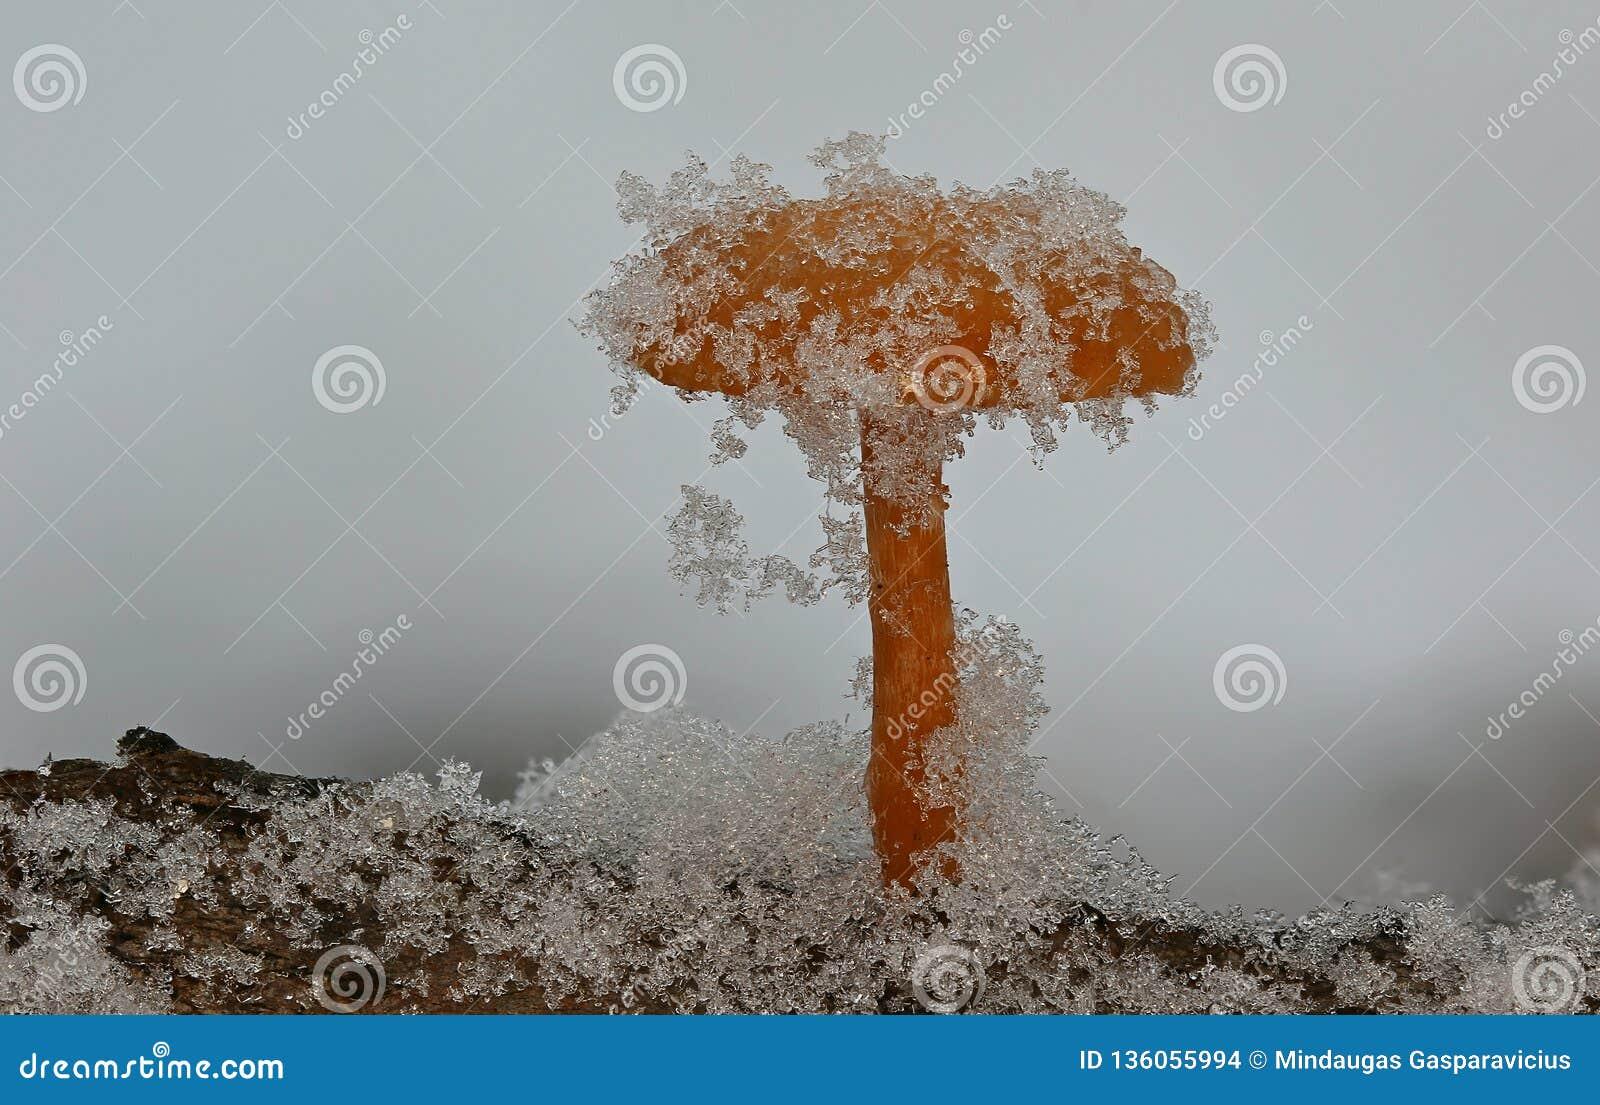 Χειμερινά μανιτάρια κάτω από το μαλακό χιόνι